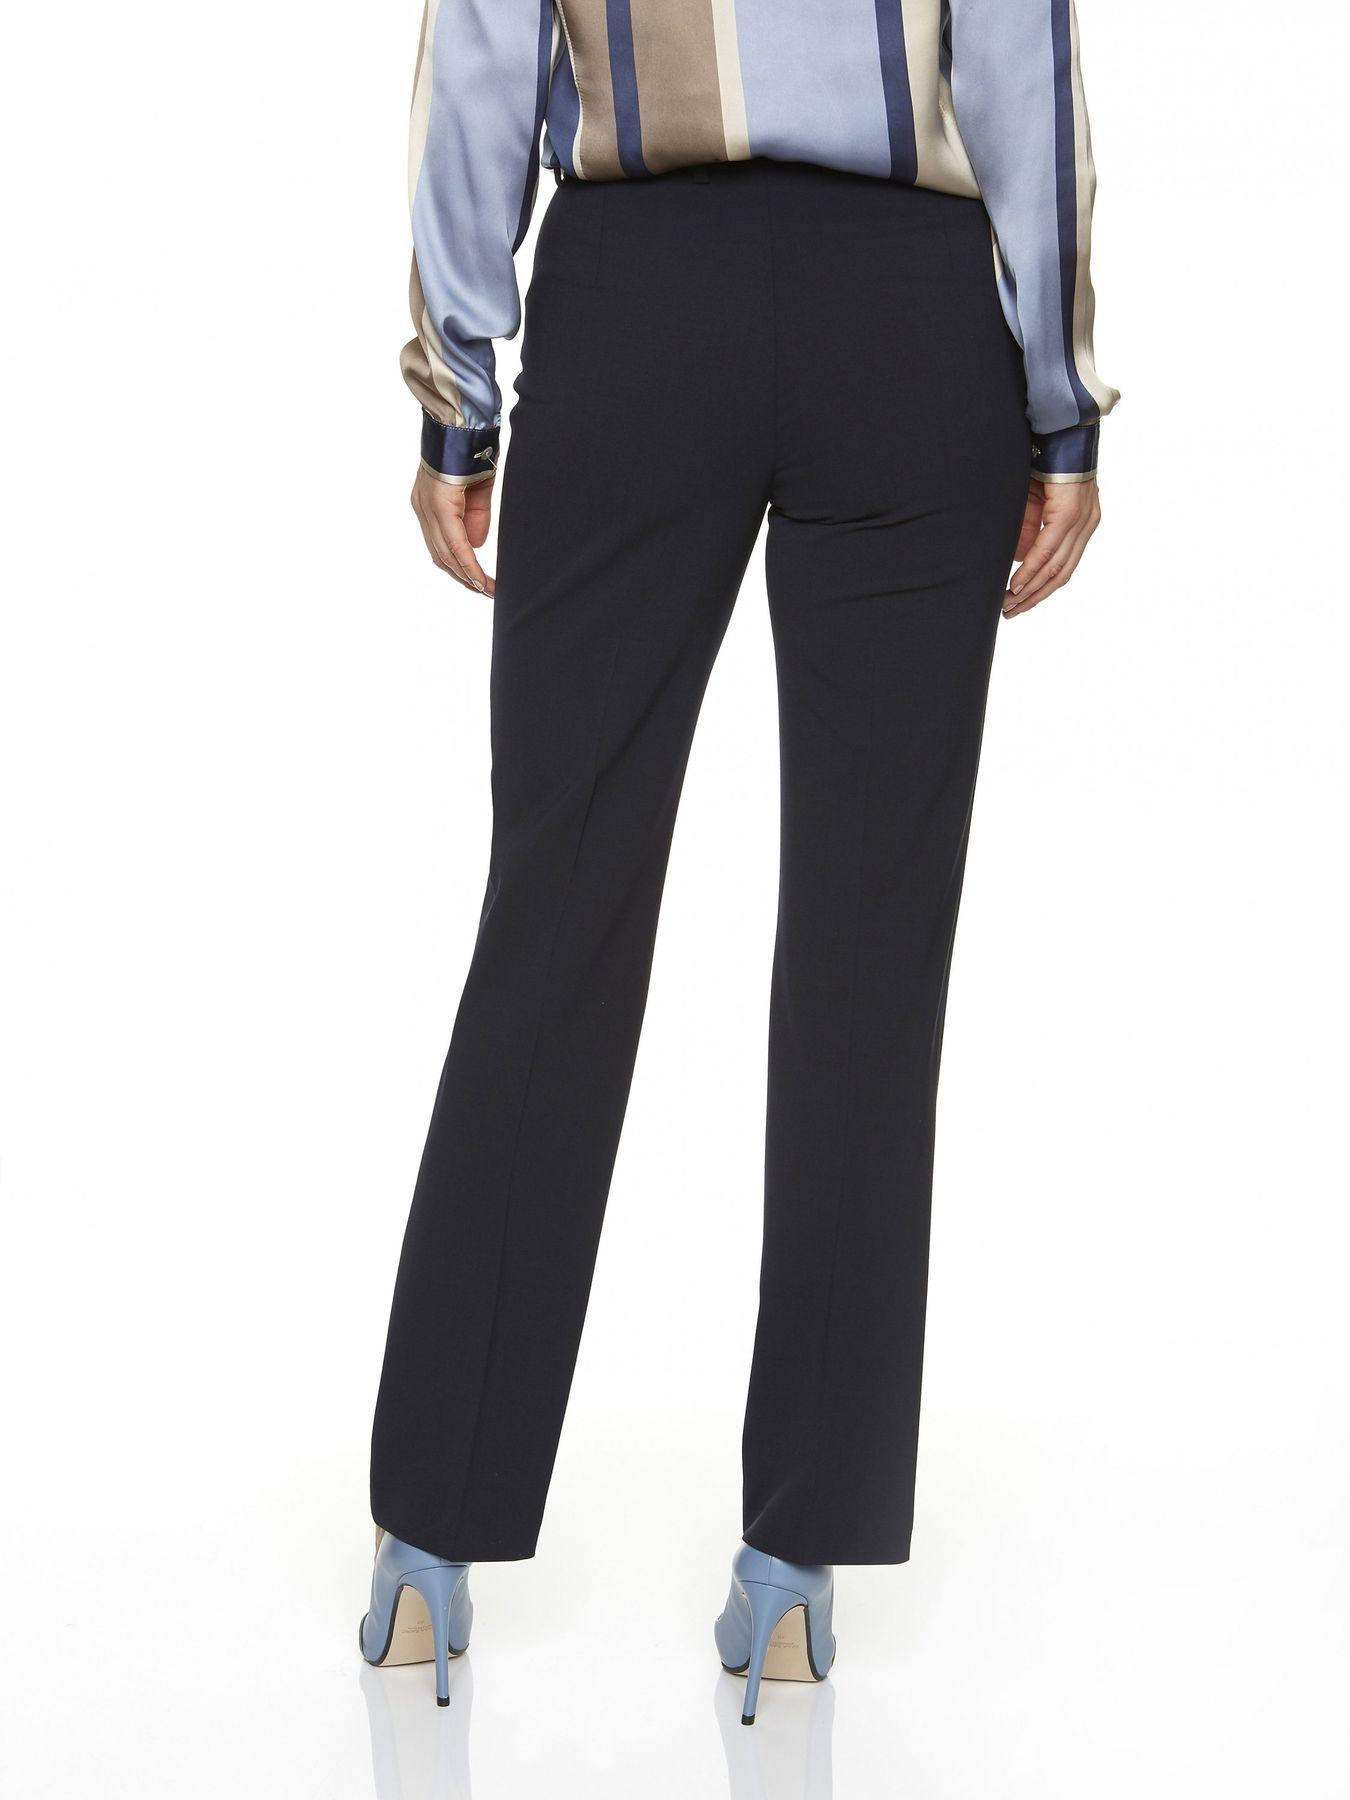 Atelier Gardeur - Slim Fit - Damen Cityhose aus moderner Wollmischung in Nachtblau oder Grau, Dora (61458) – Bild 3